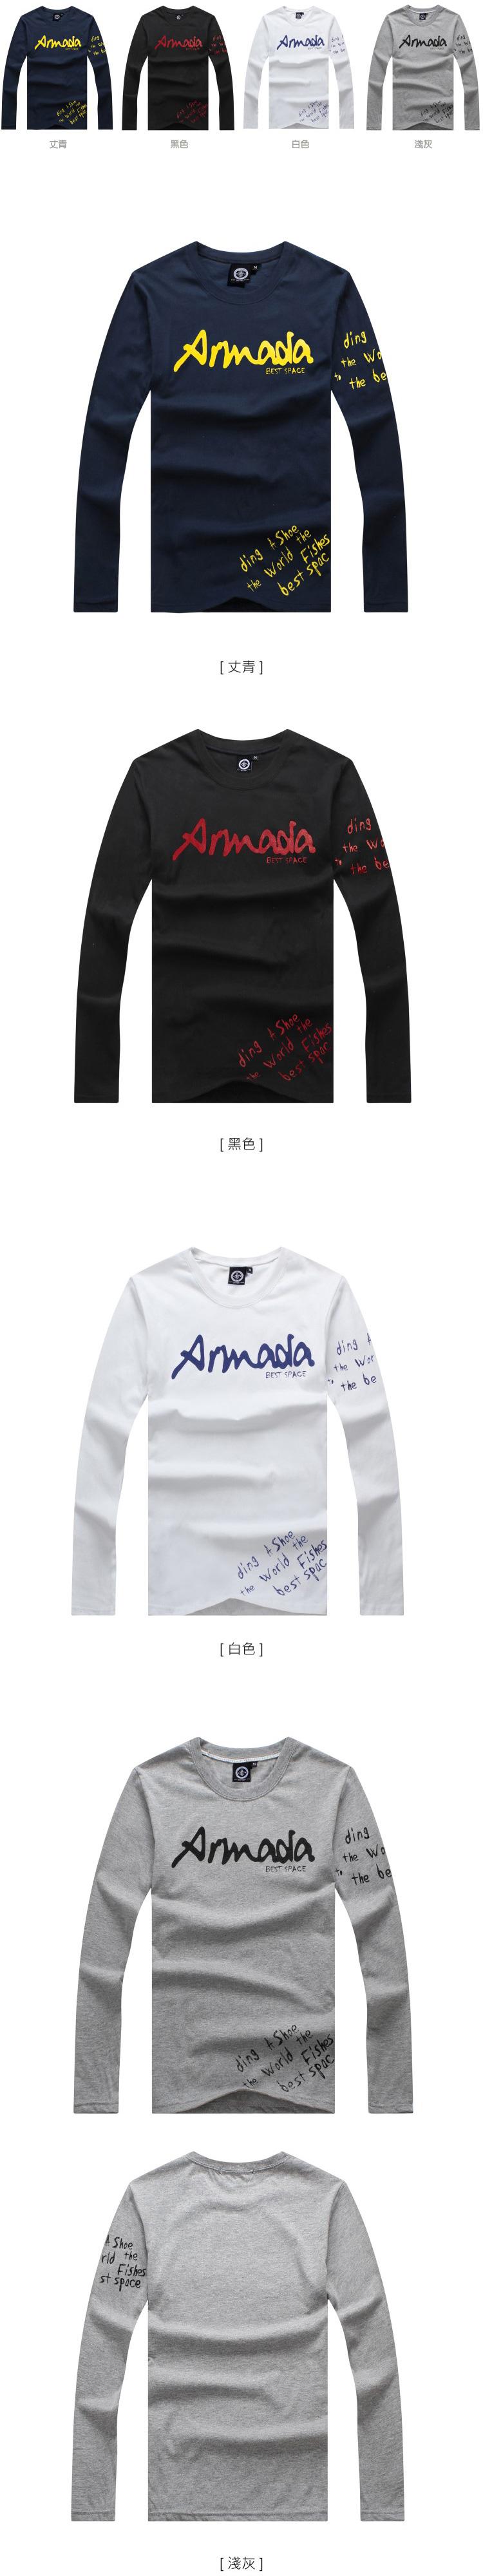 長袖   T-Shirt   情侶   MIT台灣製  隨性塗鴉文字+左袖印刷長T【G4256】艾咪E舖    情侶長袖